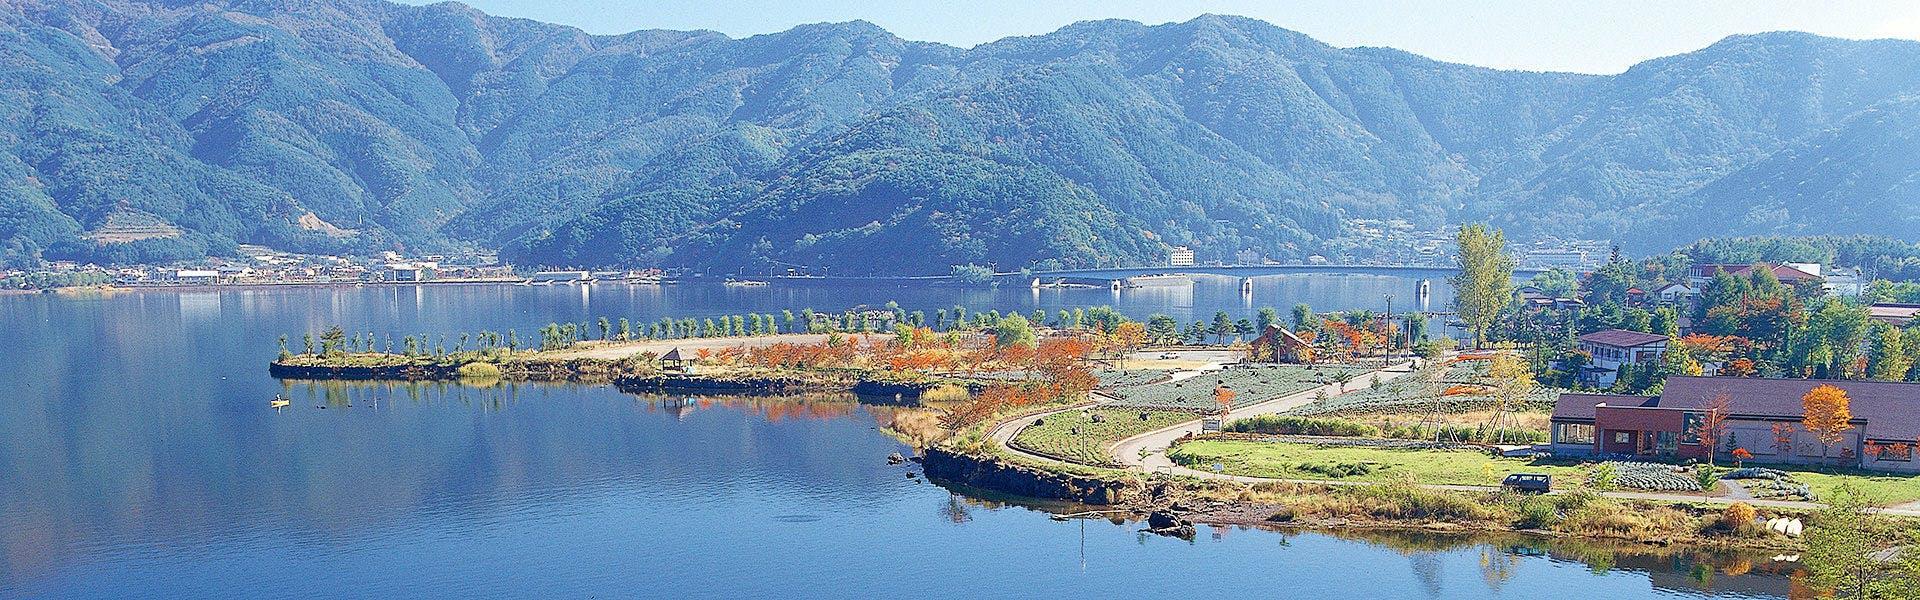 「富士山展望台」から見渡す河口湖